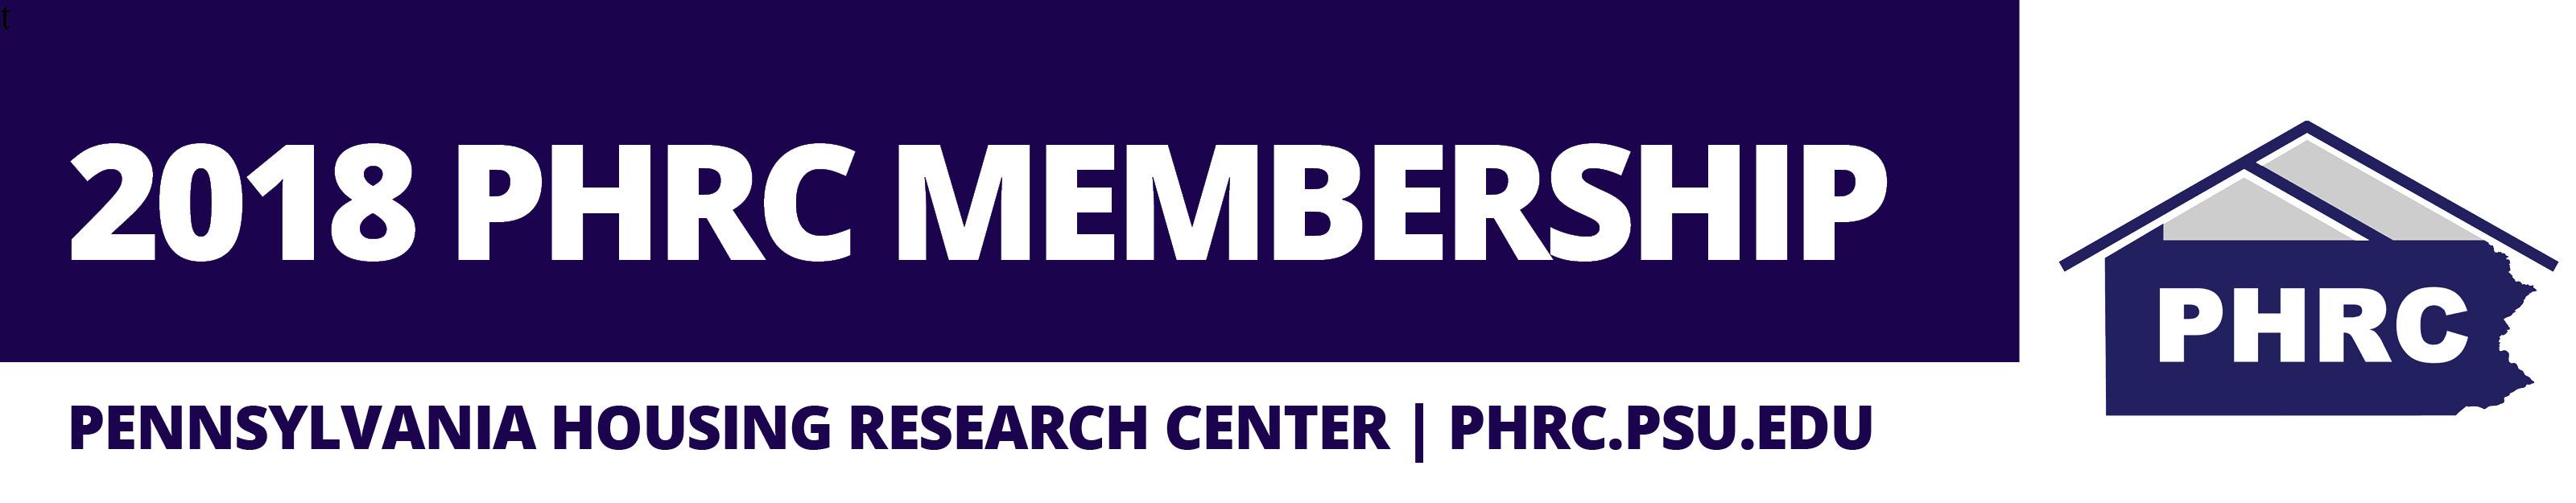 2018 PHRC Membership